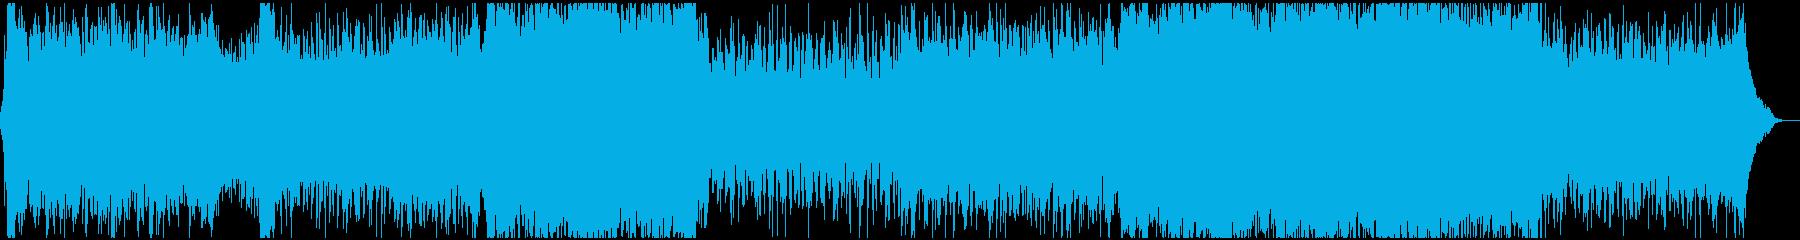 早いテンポの派手なアクションオーケストラの再生済みの波形